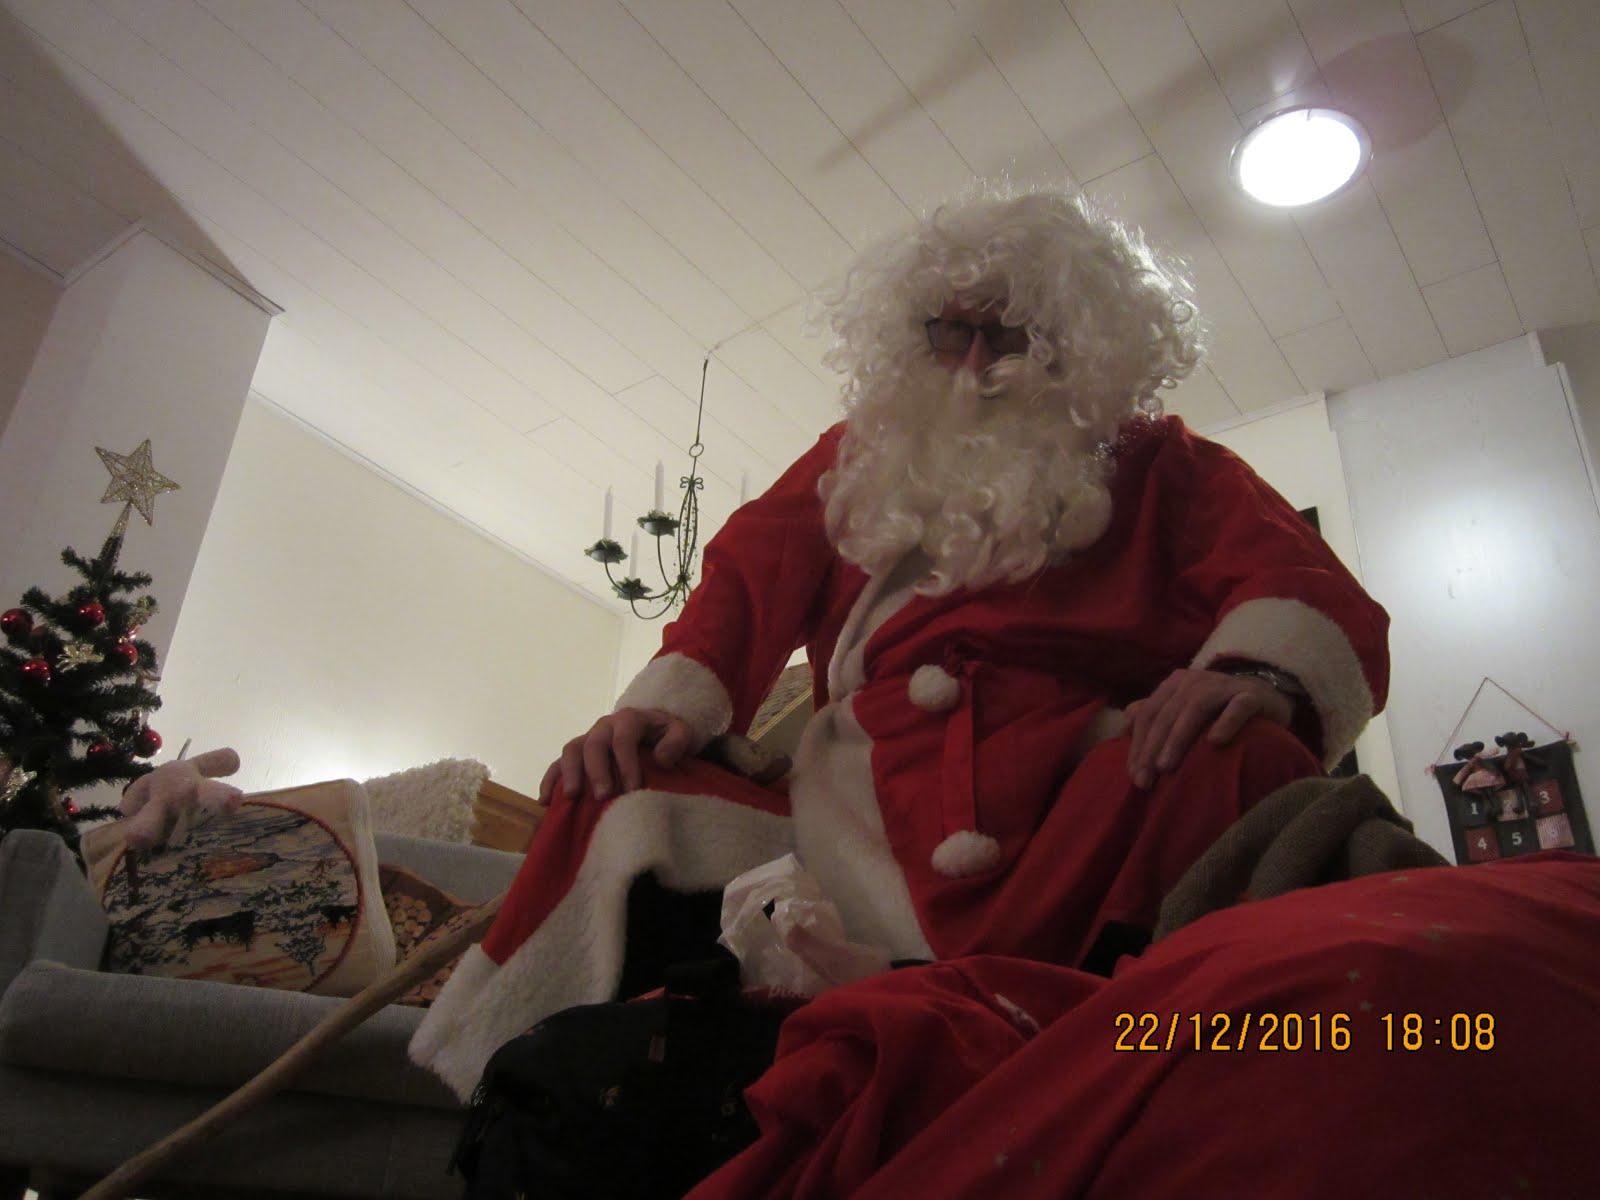 Tamperelainen tukeva iso joulupukki luo lasten kilttien isolla parralla ja peruukilla kun sovitaan